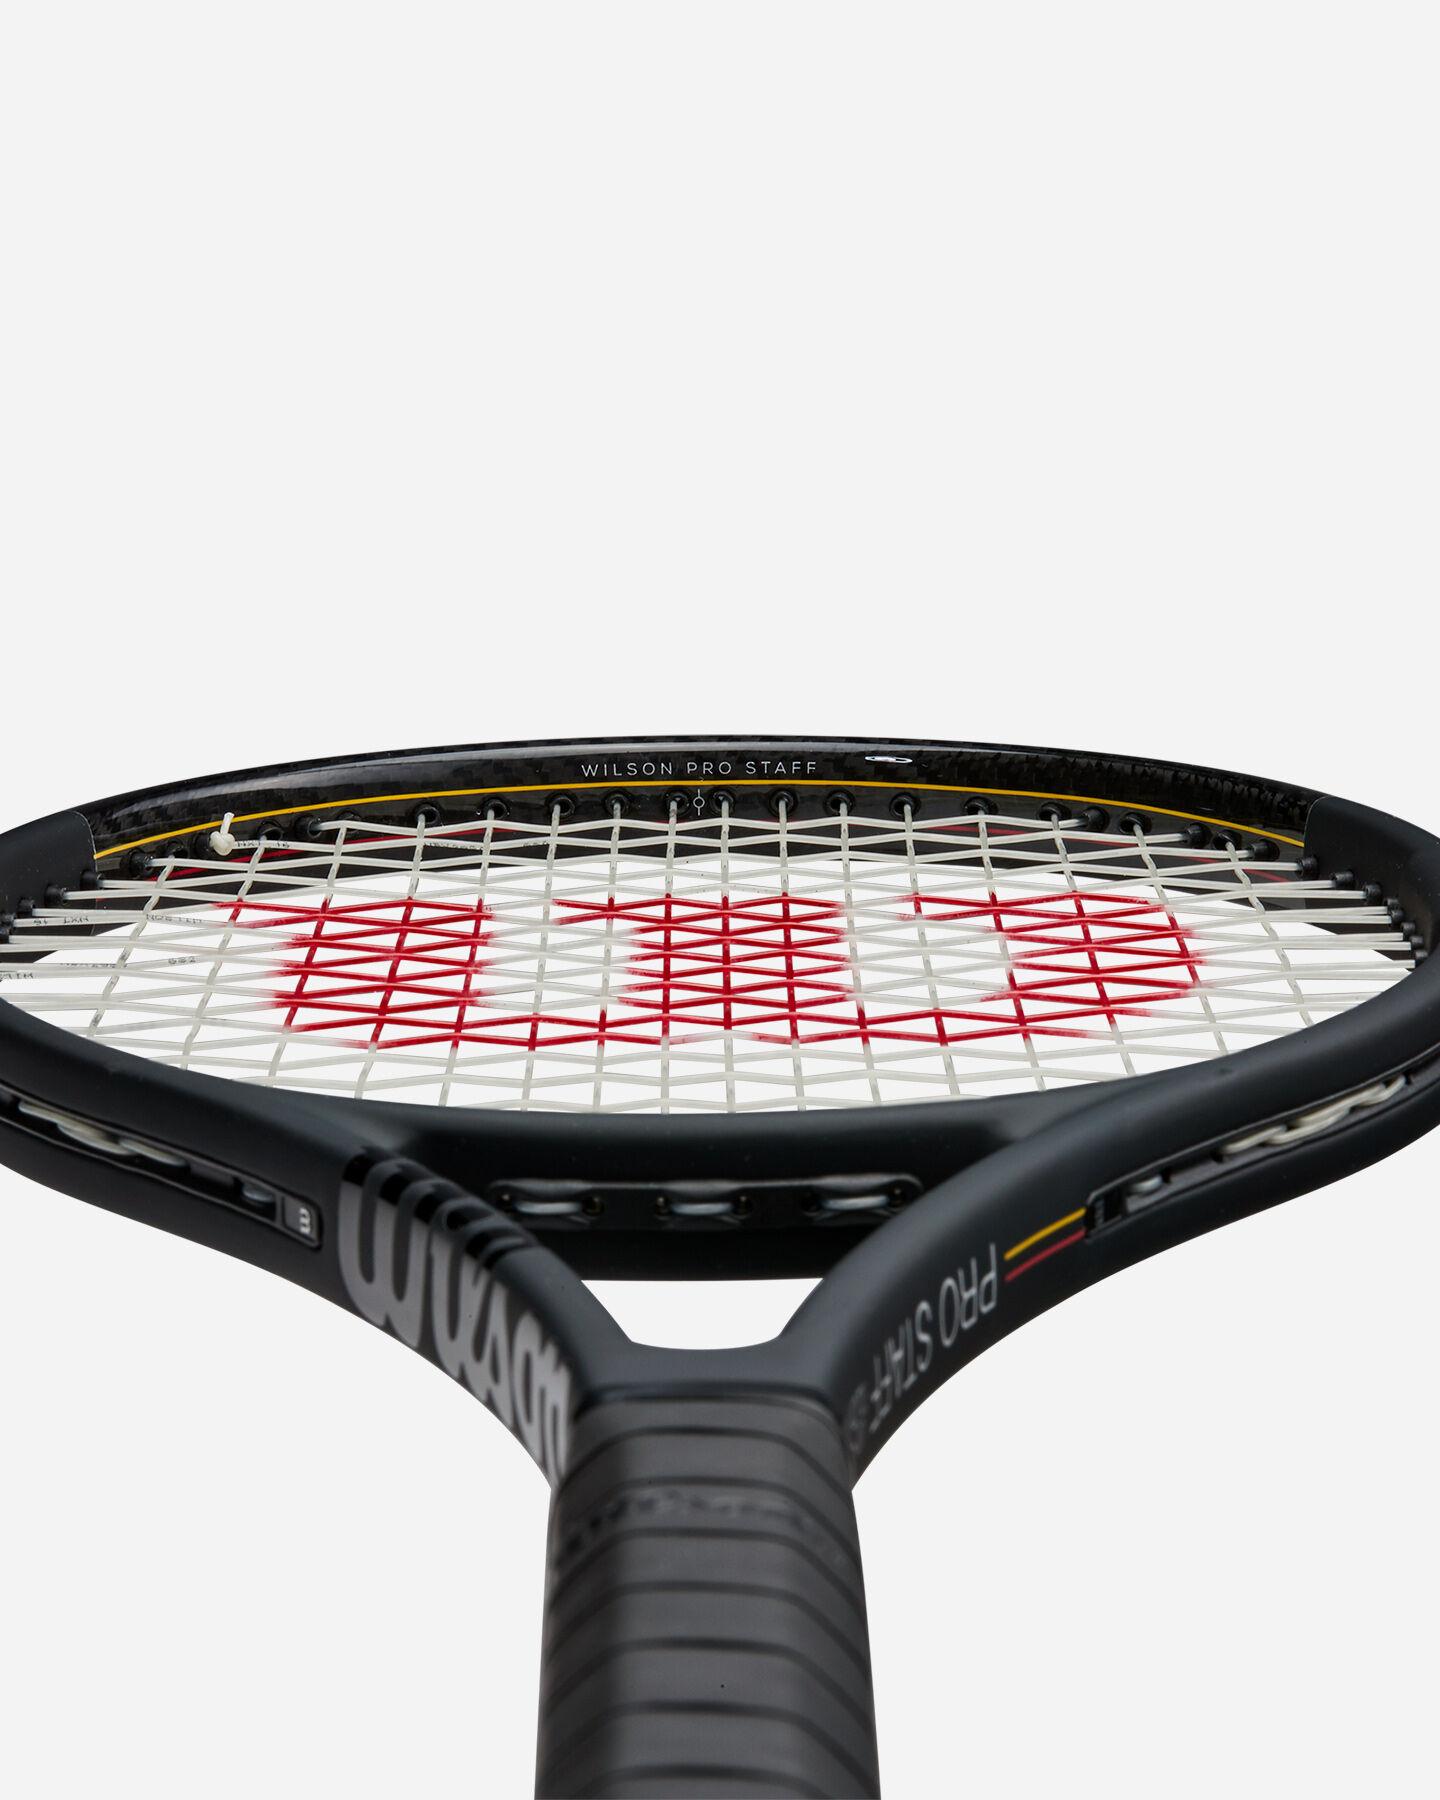 Telaio tennis WILSON PRO STAFF 97L V13.0  S5282627 scatto 1